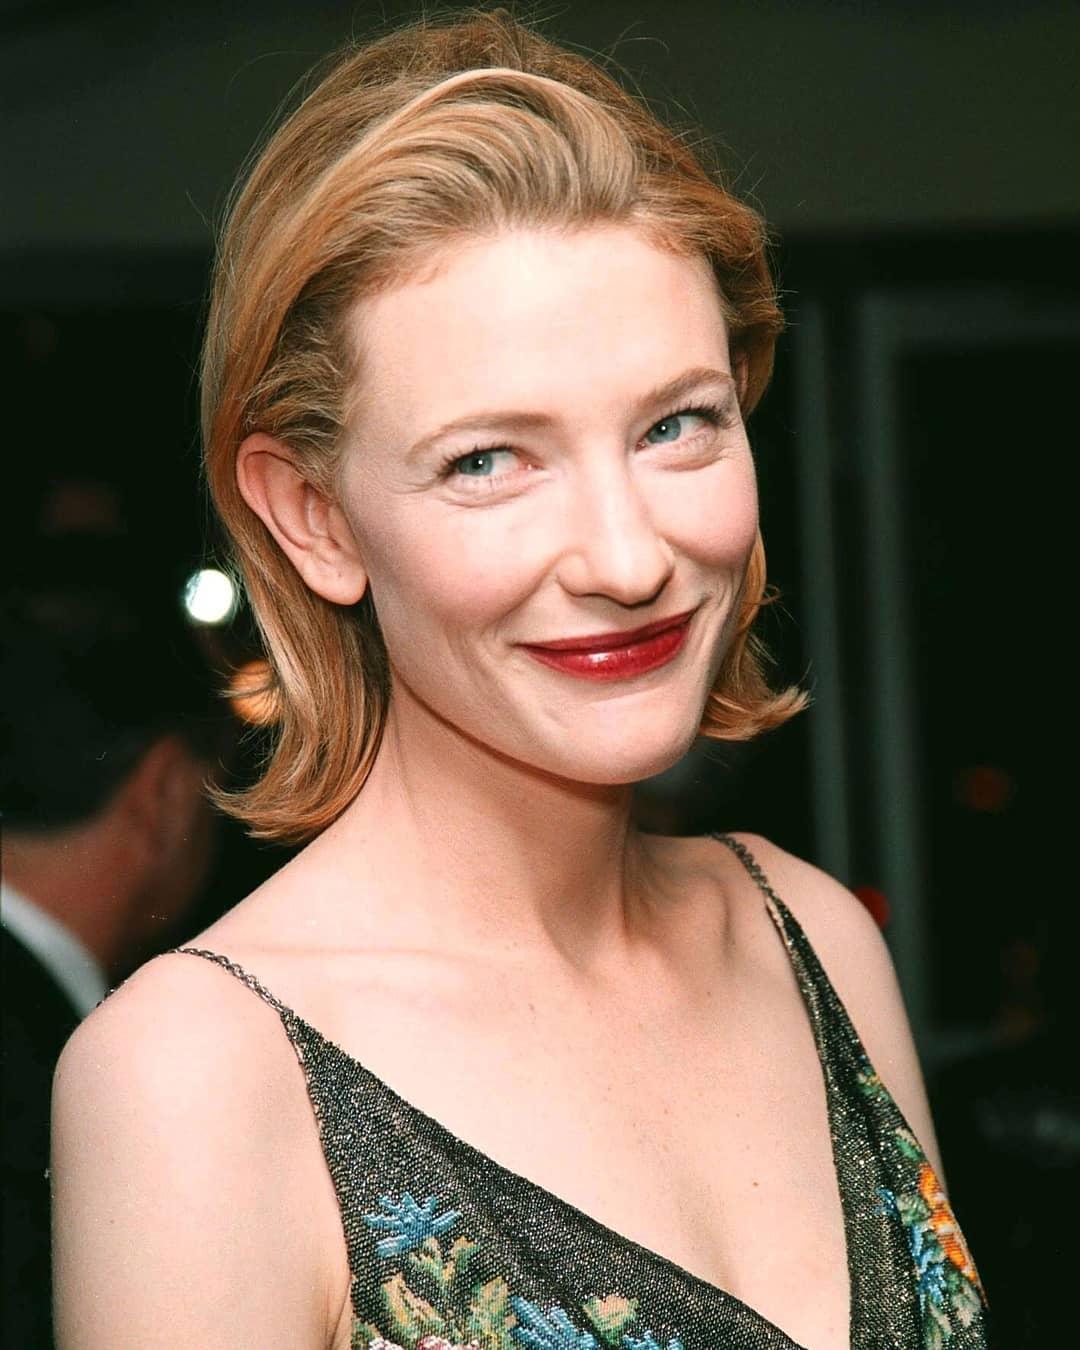 Cate Blanchett biografia: chi è, età, altezza, peso, figli, marito ...